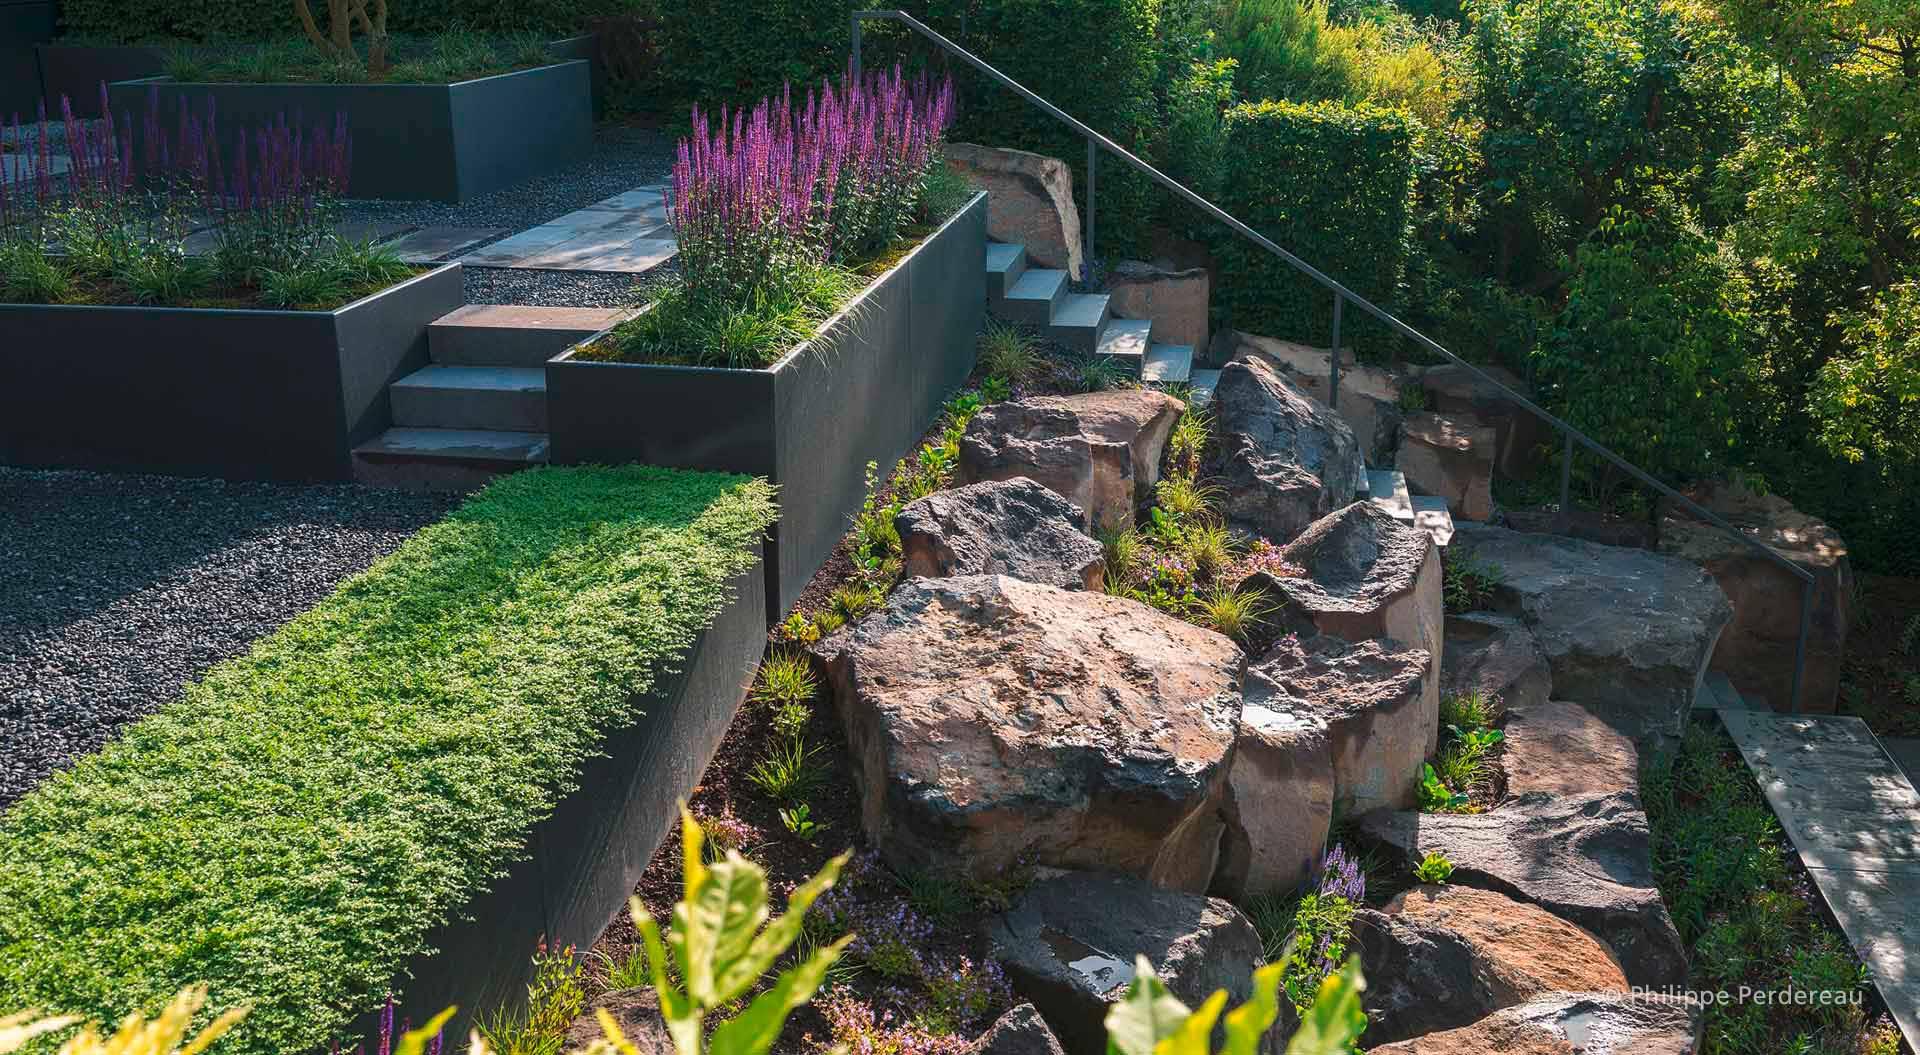 Treppe im Hanggarten führt zwischen Steinen hinauf zur nächsten Ebene